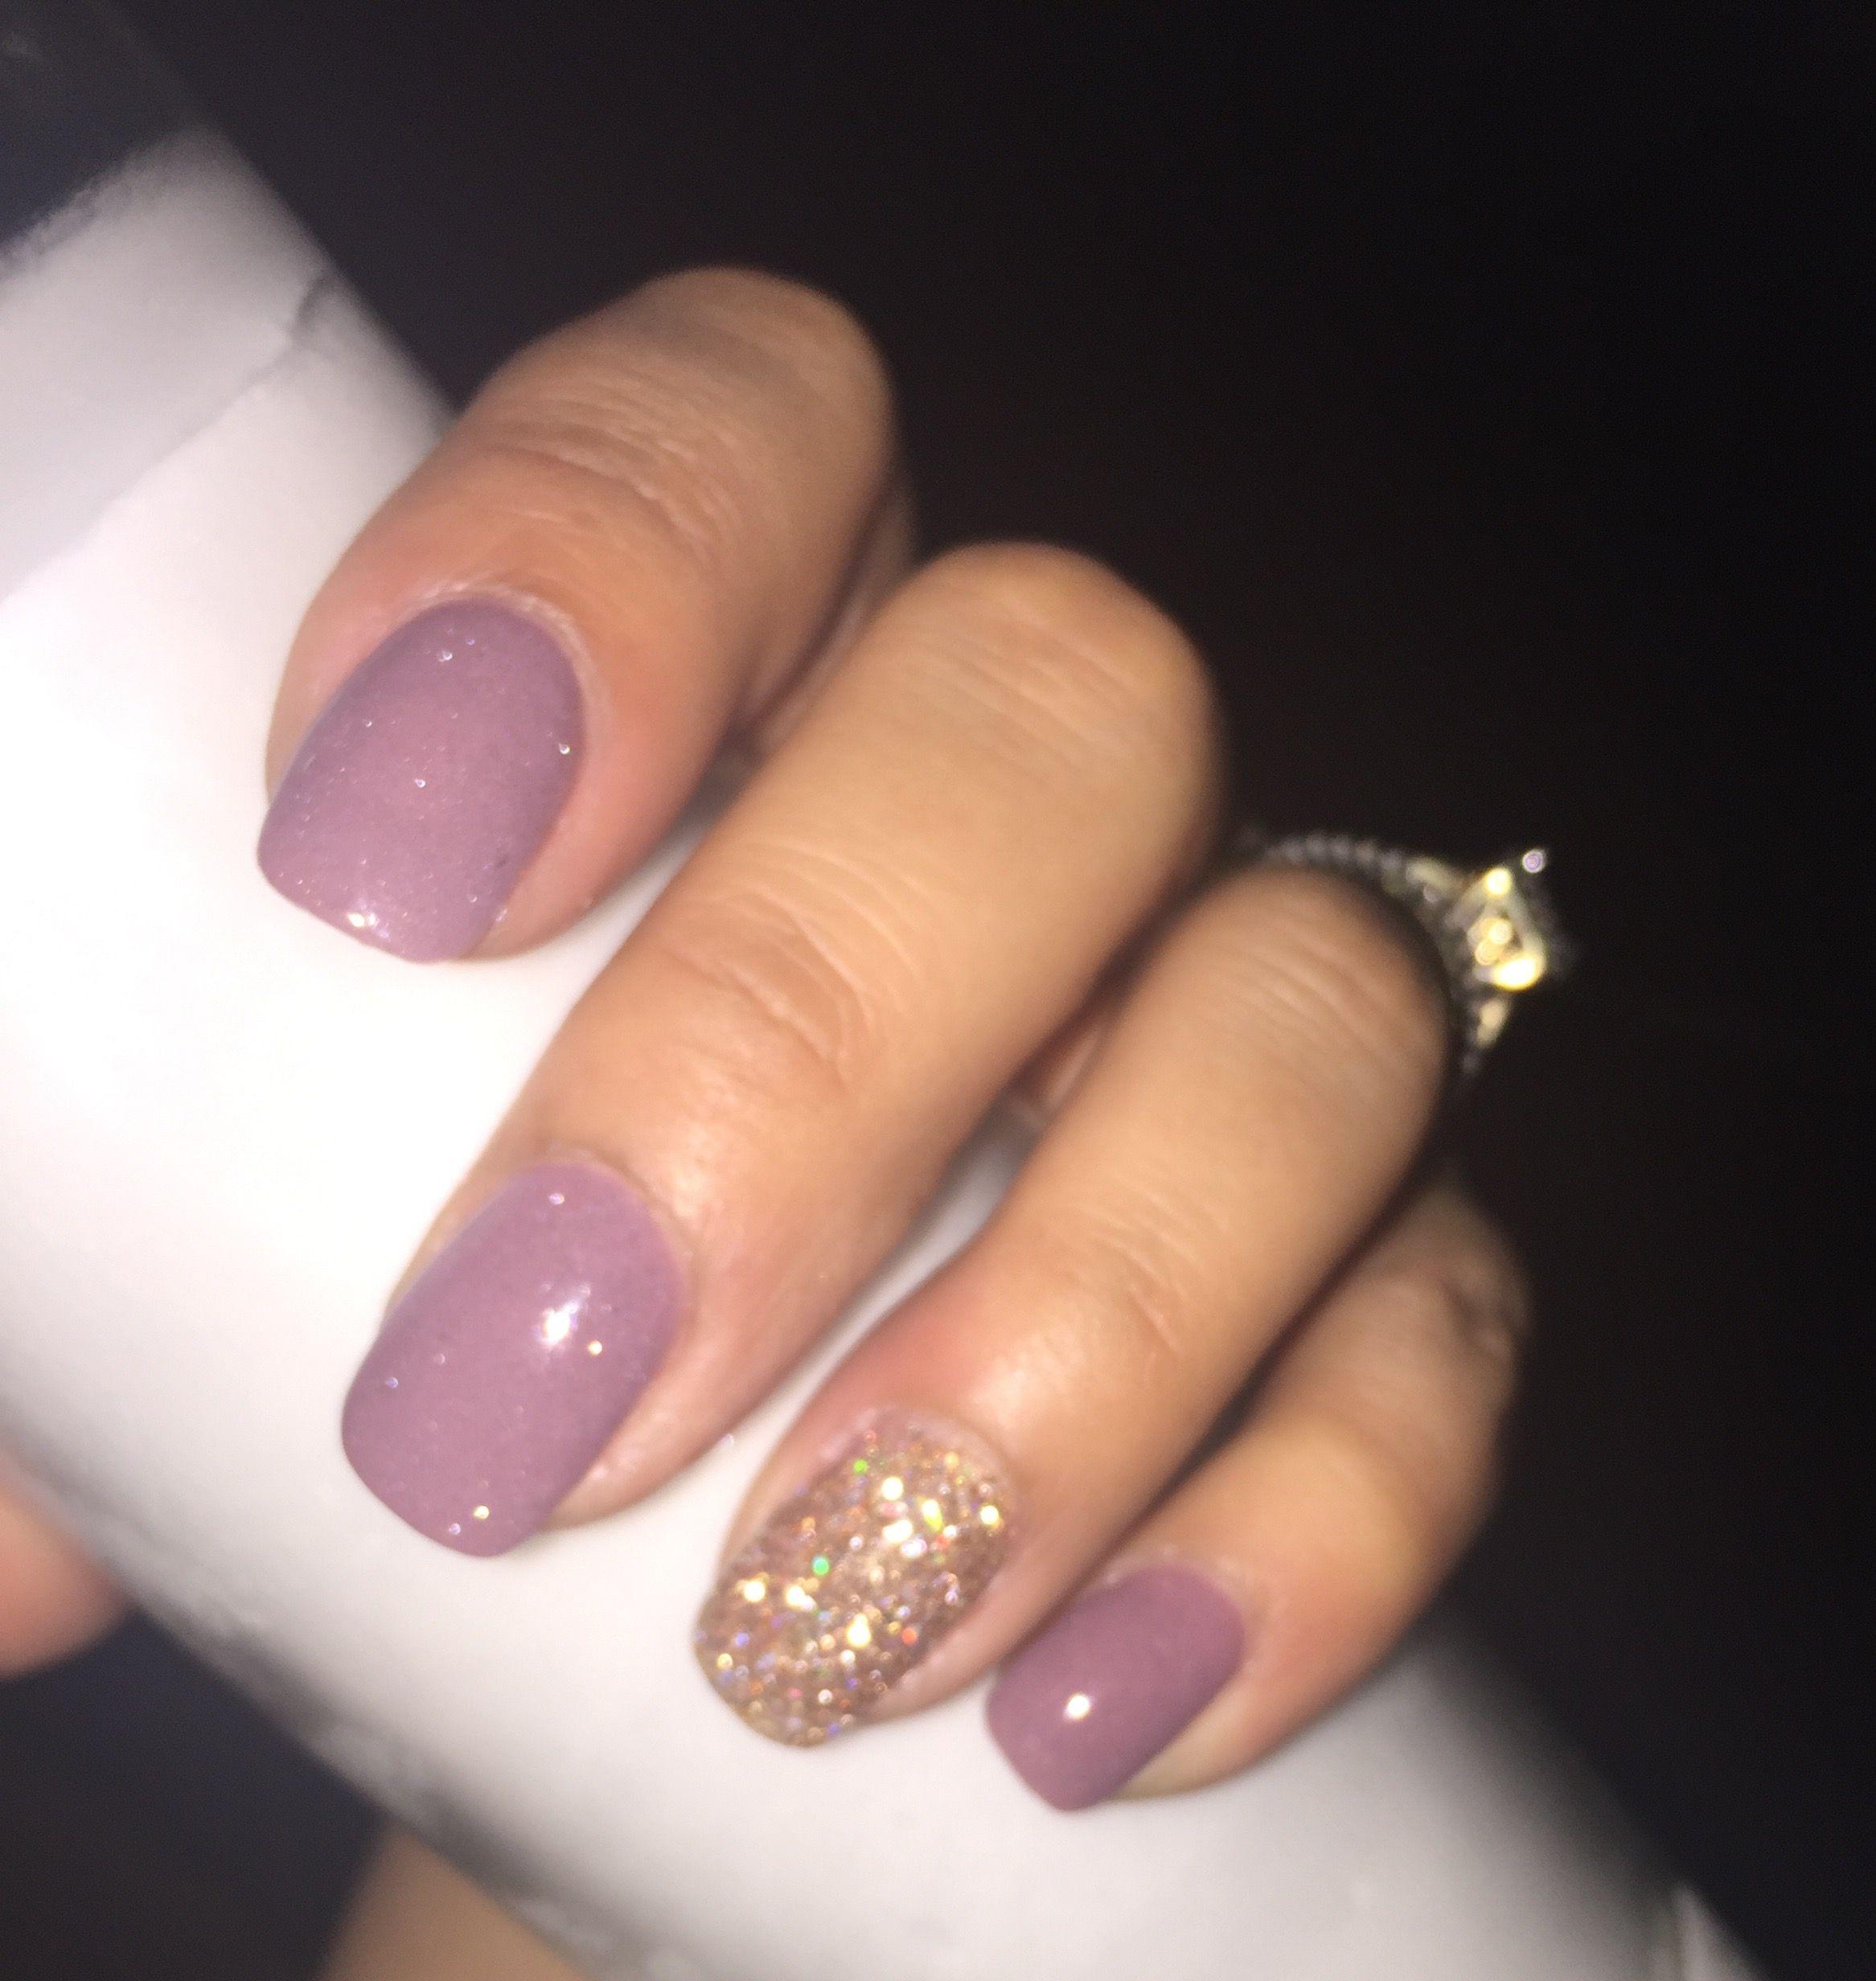 sns nails | nails | pinterest | sns nails, dipped nails and makeup